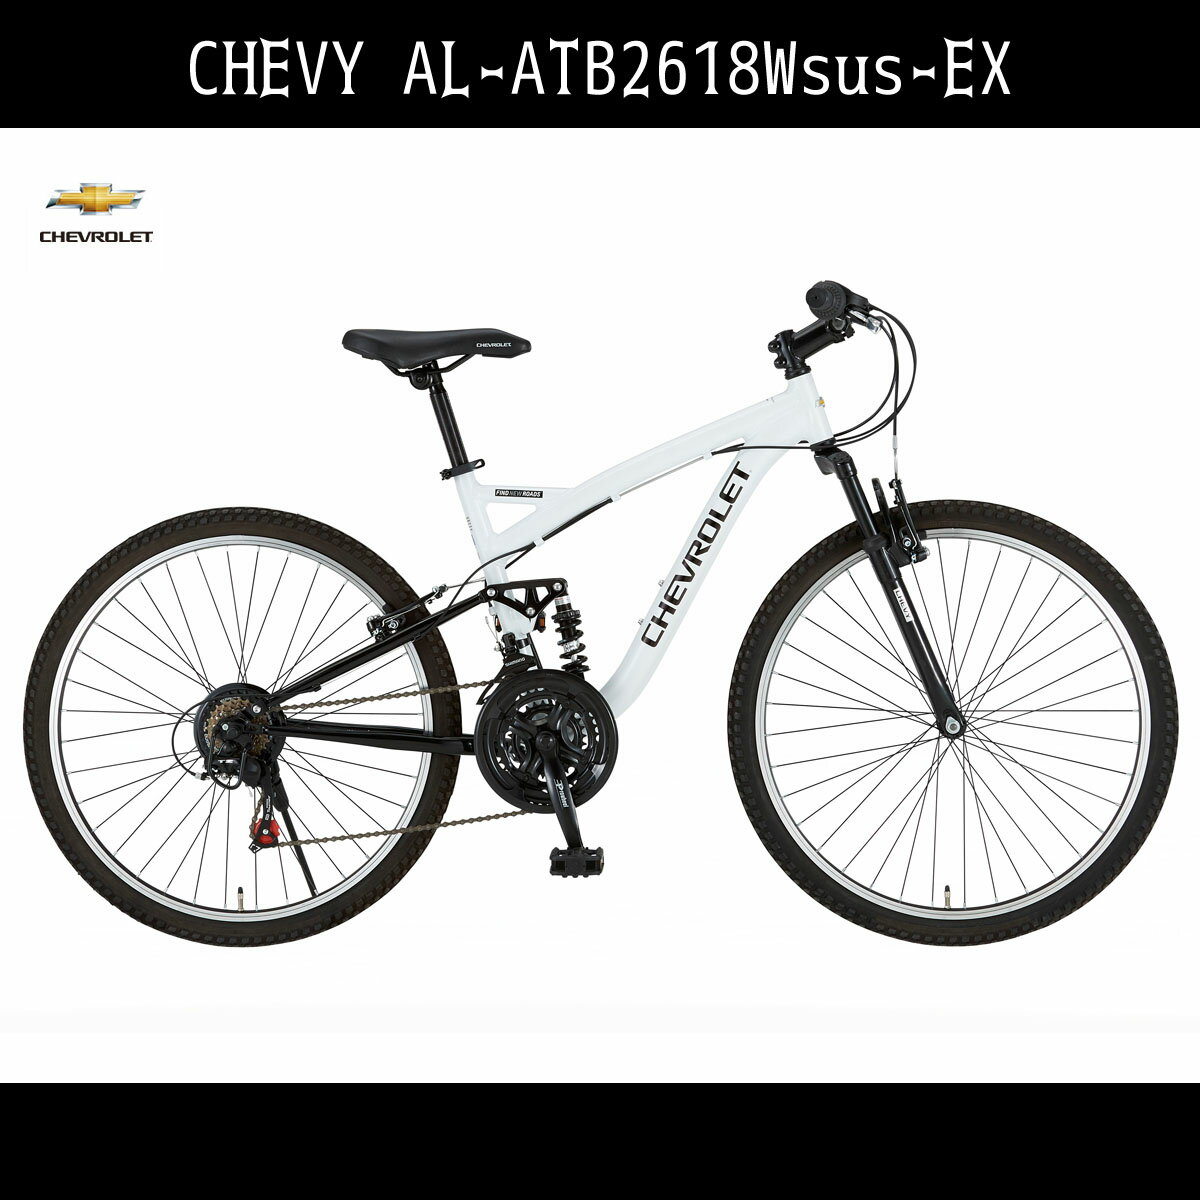 <関東限定特別価格>アルミニウム AL-ATB2618EX シボレー 自転車 シェビー CHEVY CHEVROLET アルミ 外装18段変速ギア マウンテンバイク 26インチ 白色 ホワイト 自転車 シボレー マウンテンバイク 送料無料 おしゃれ